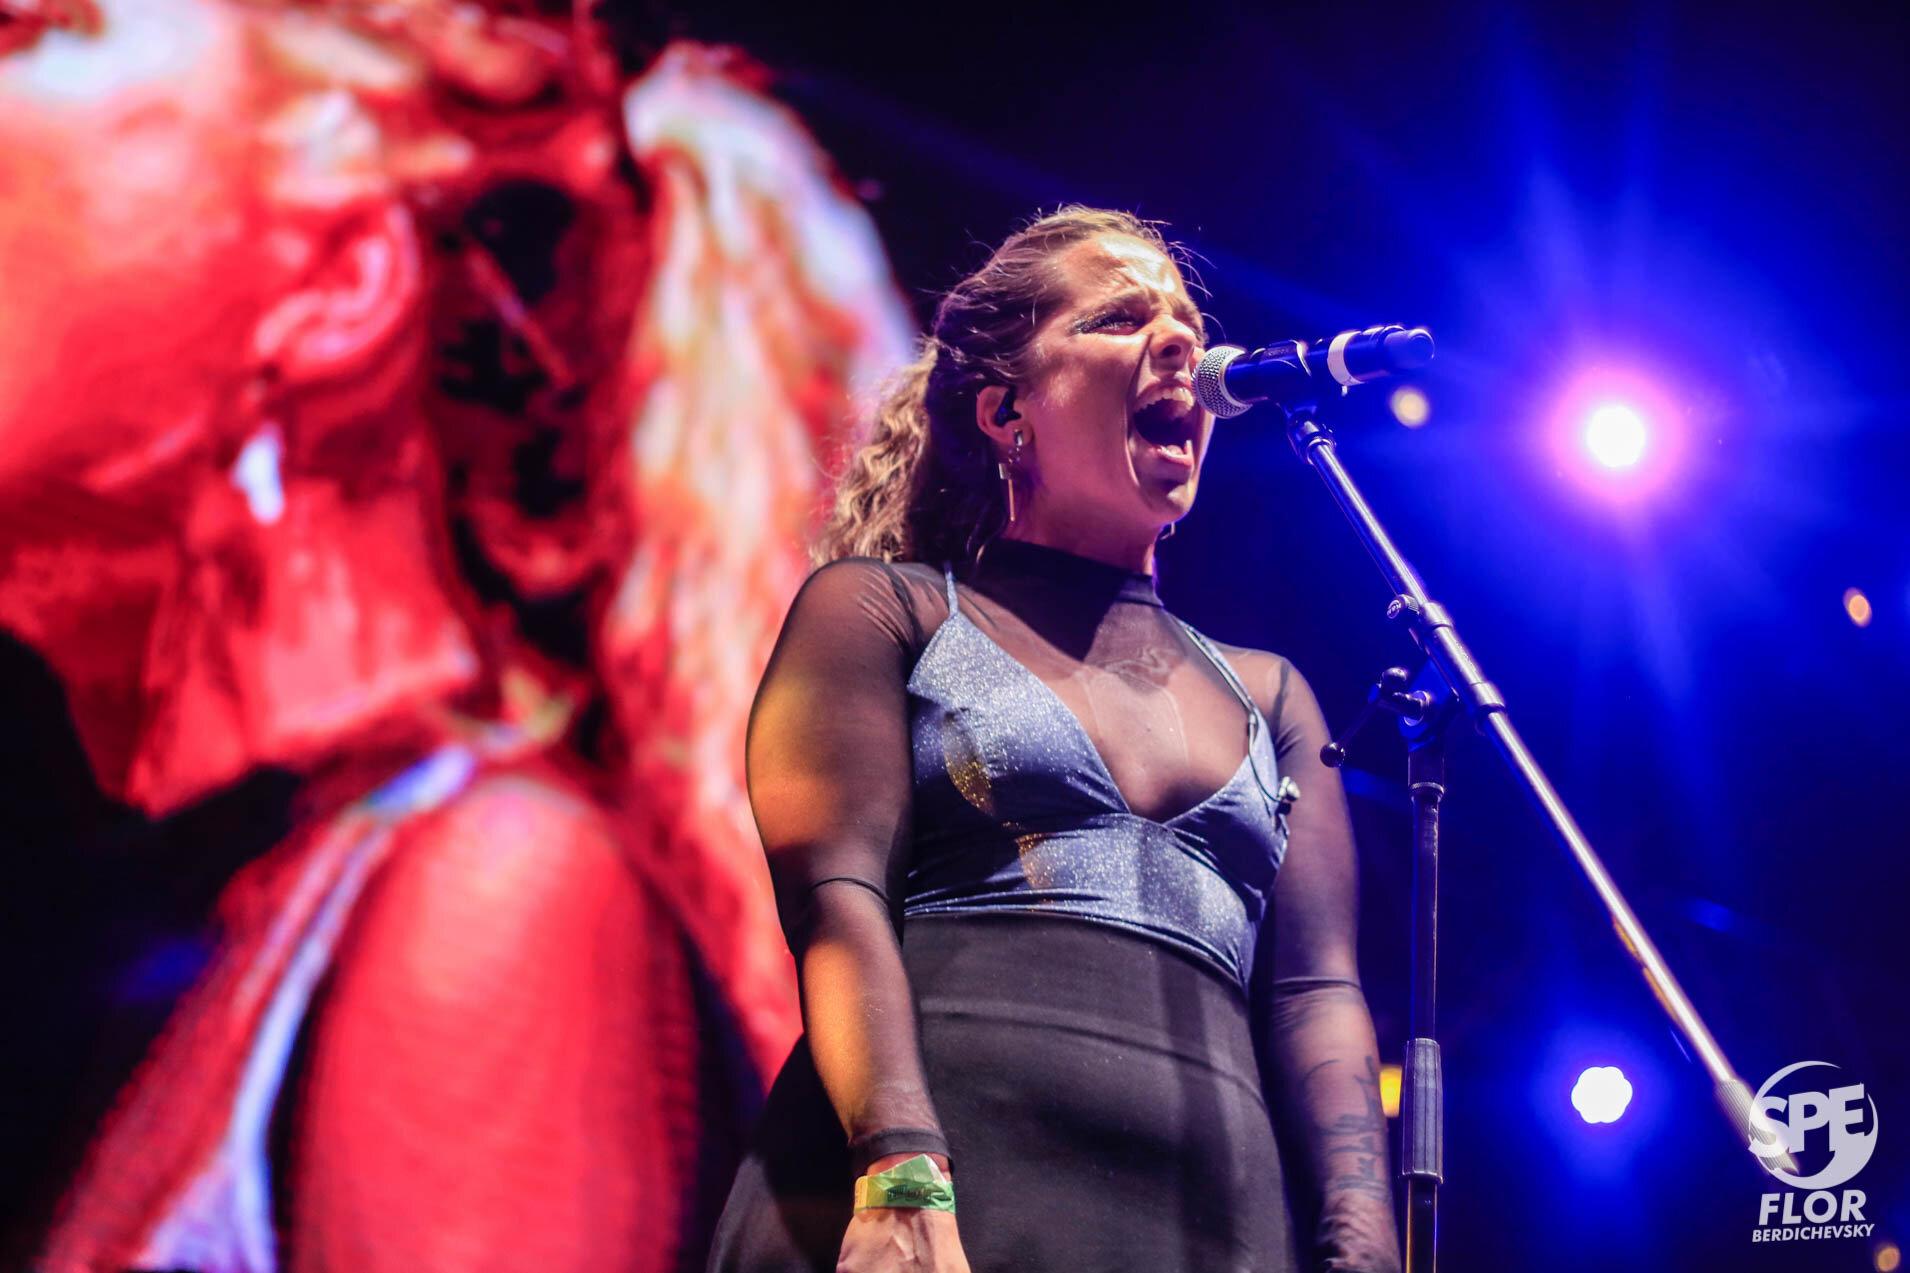 Barbie Recanati participa del Festival Futurock en el estadio Malvinas Argentinas, el 28 de Septiembre de 2019. El festival estuvo organizado por la radio Futurock. Foto de: Florencia Berdichevsky